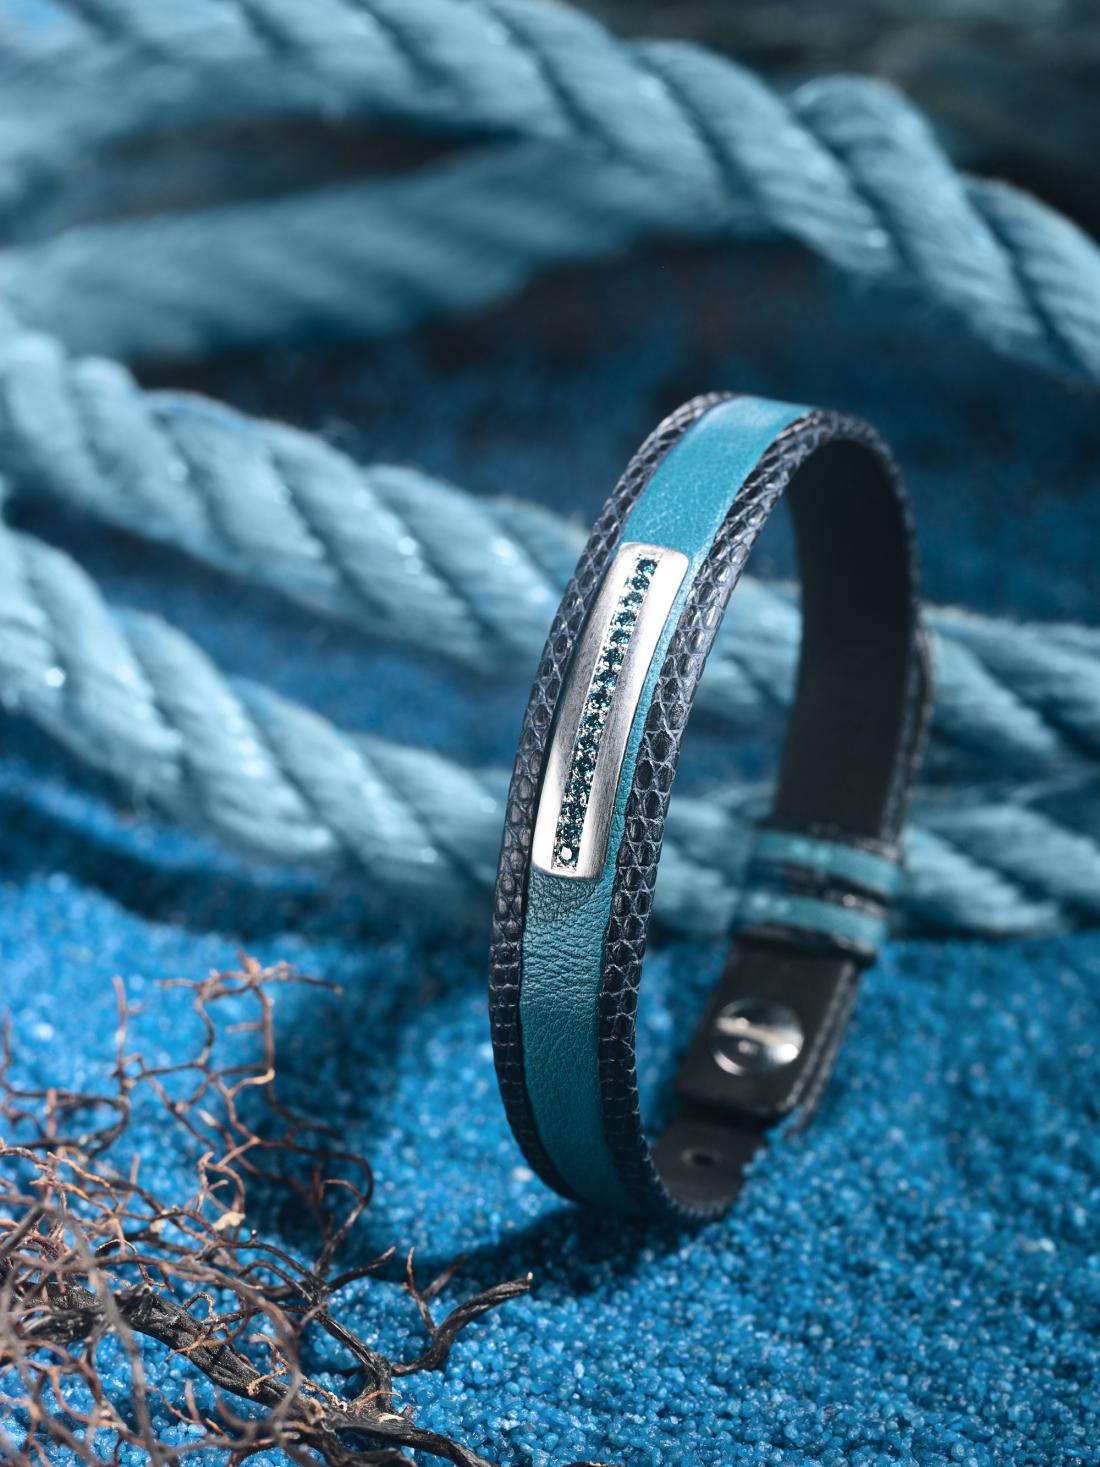 BRACELET POUR HOMME. Cuirs :lézard mat bleu, veau bleu océan Diamants :ice blue Or :barrette en or brossé, satiné Détails